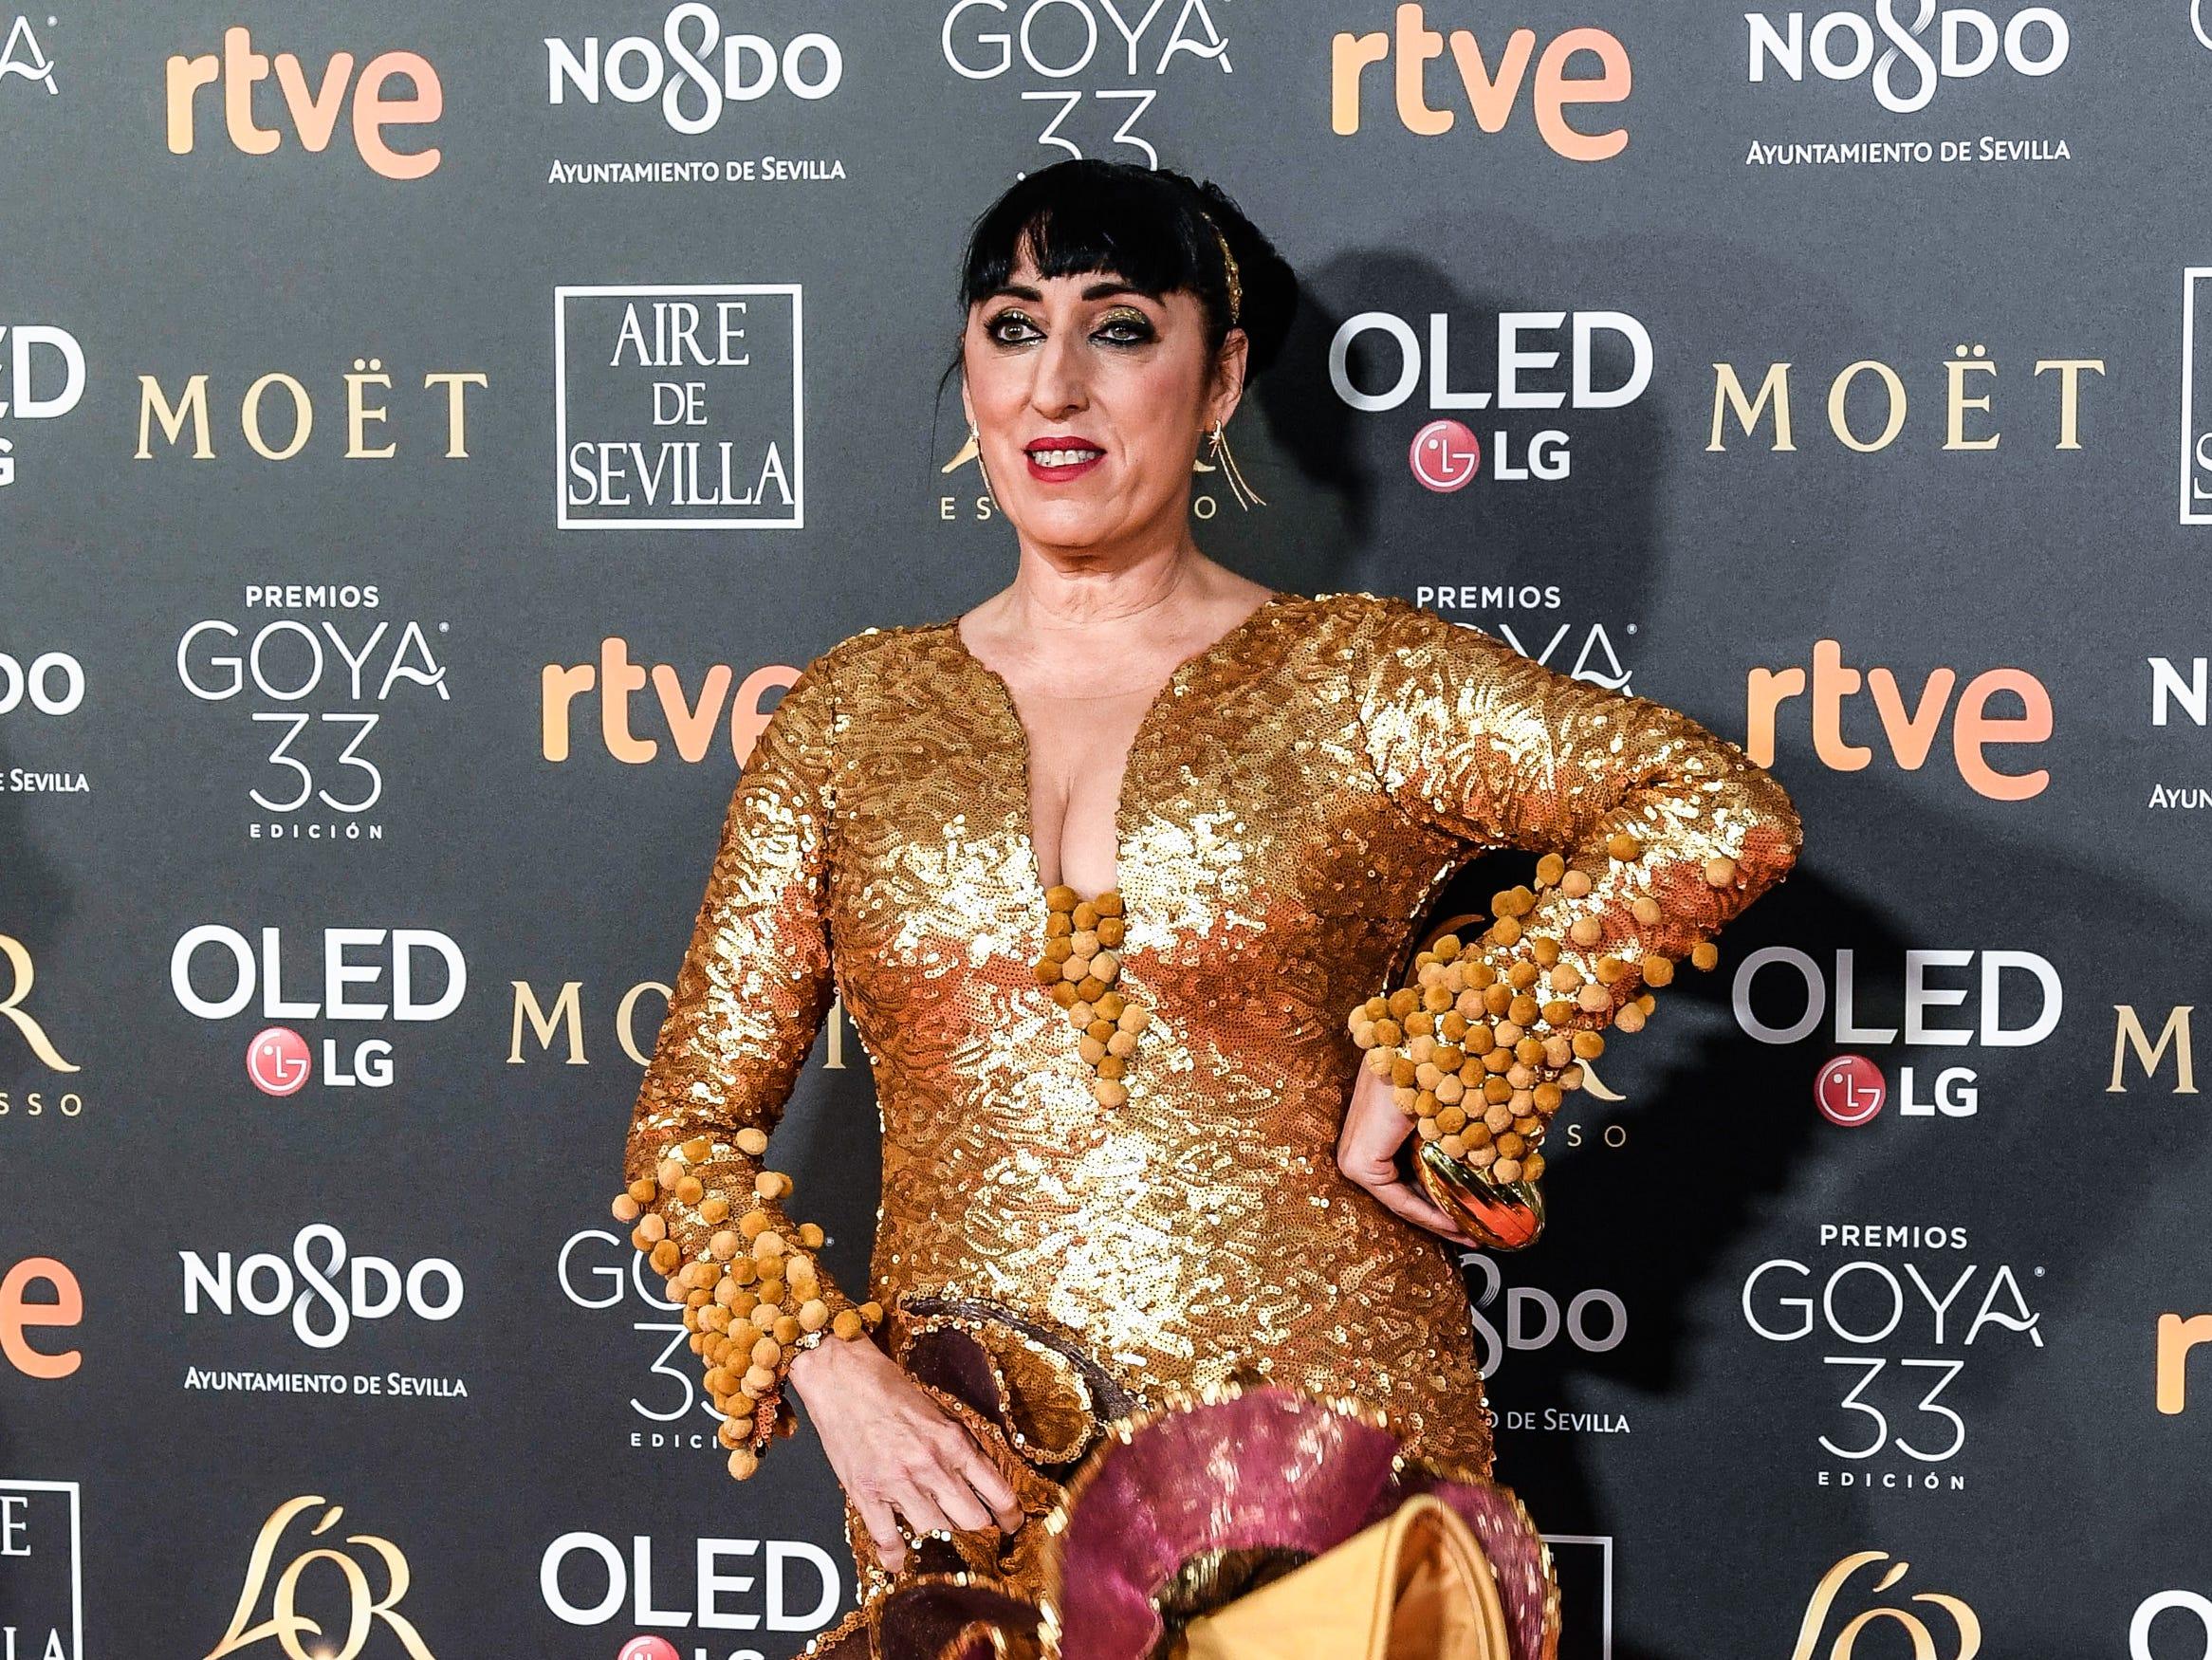 Rossy de Palma asiste a la 33ª edición de los Premios de Cine Goya en el Palacio de Congresos y Exposiciones FIBES el 2 de febrero de 2019 en Sevilla, España.